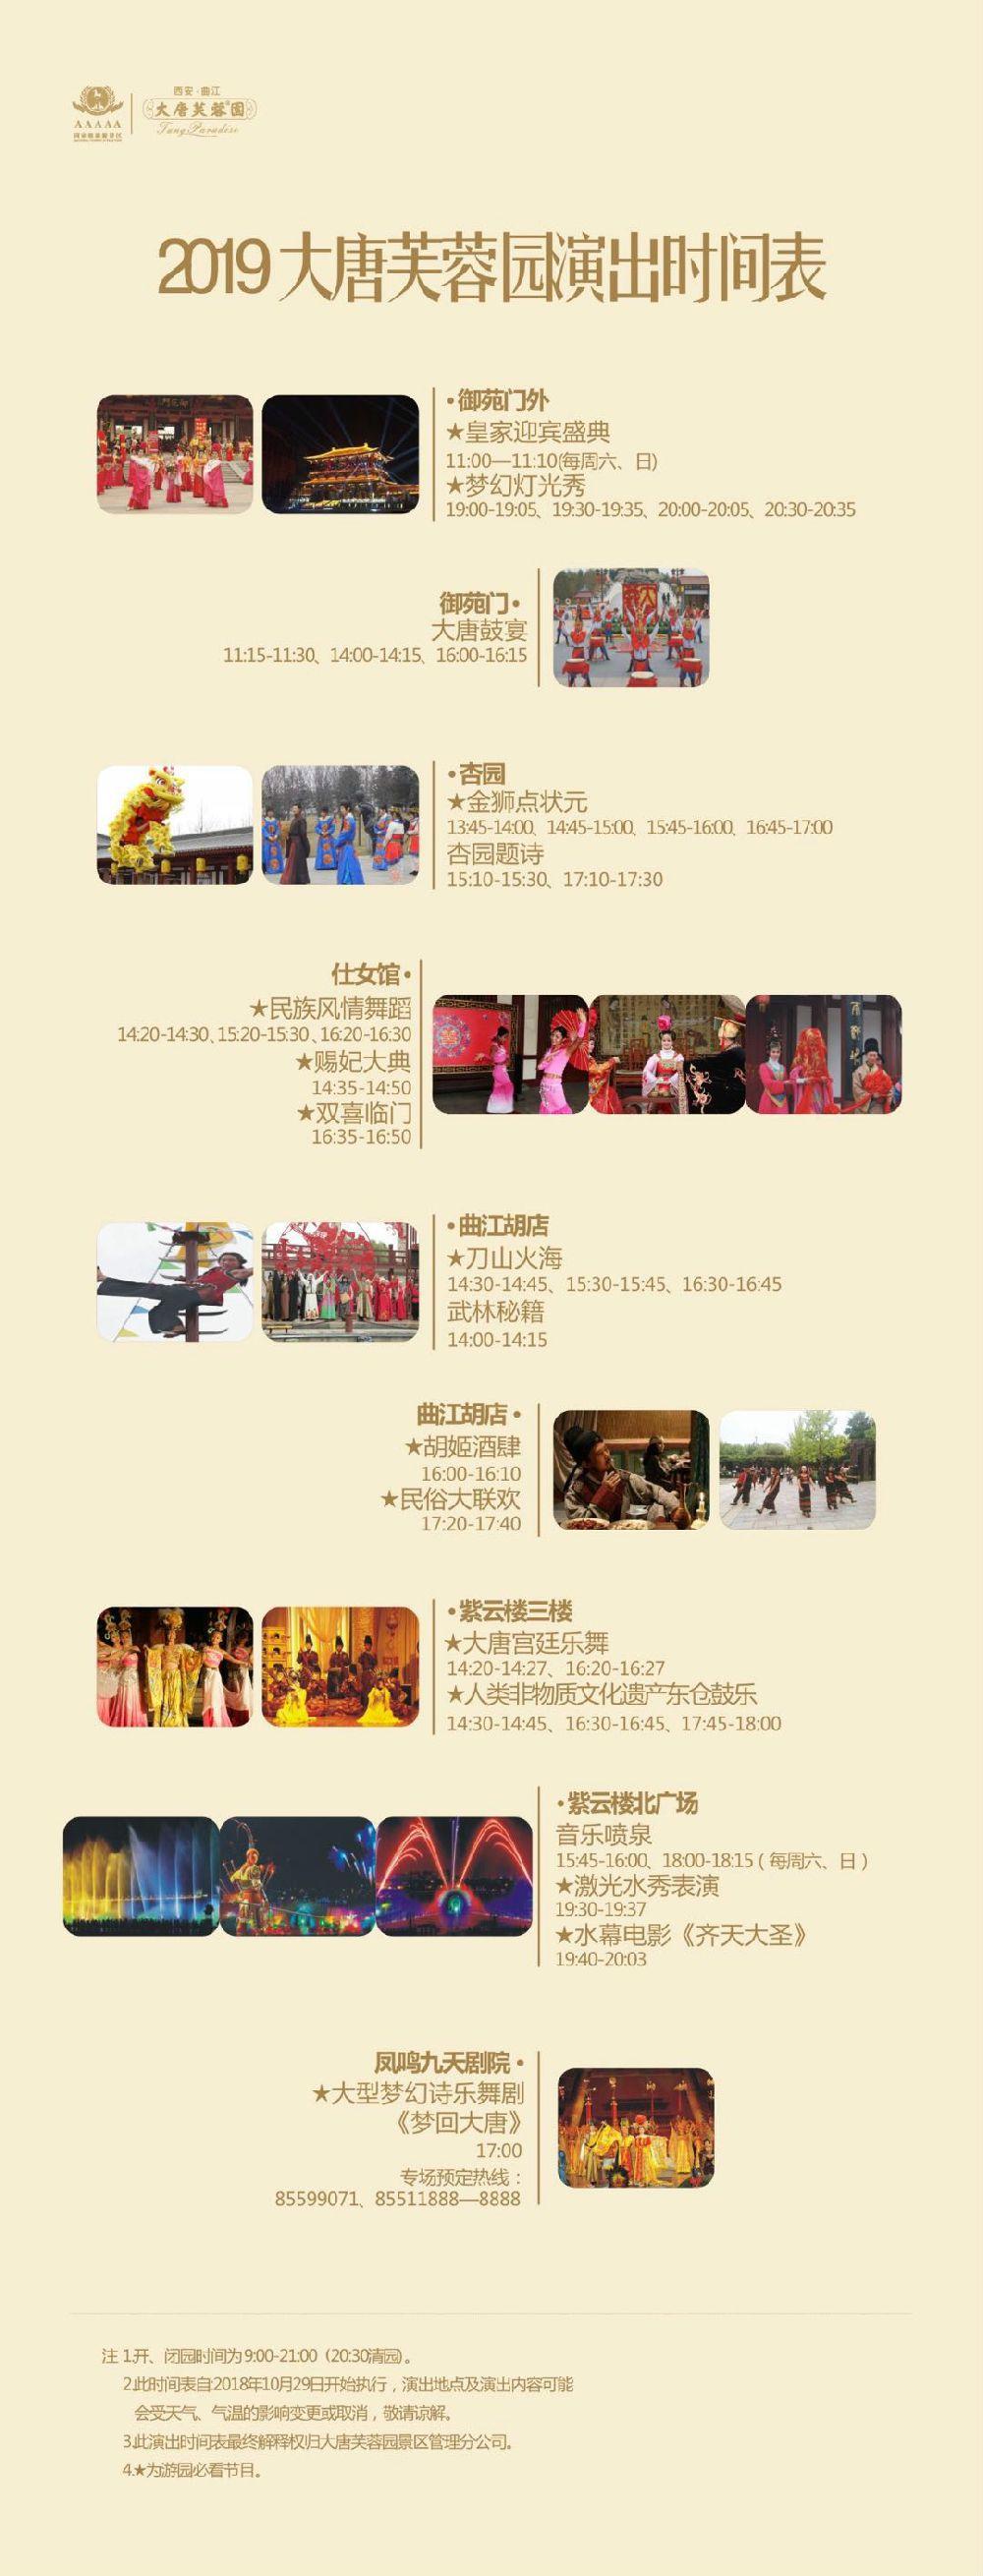 2019西安大唐芙蓉园演出时间表